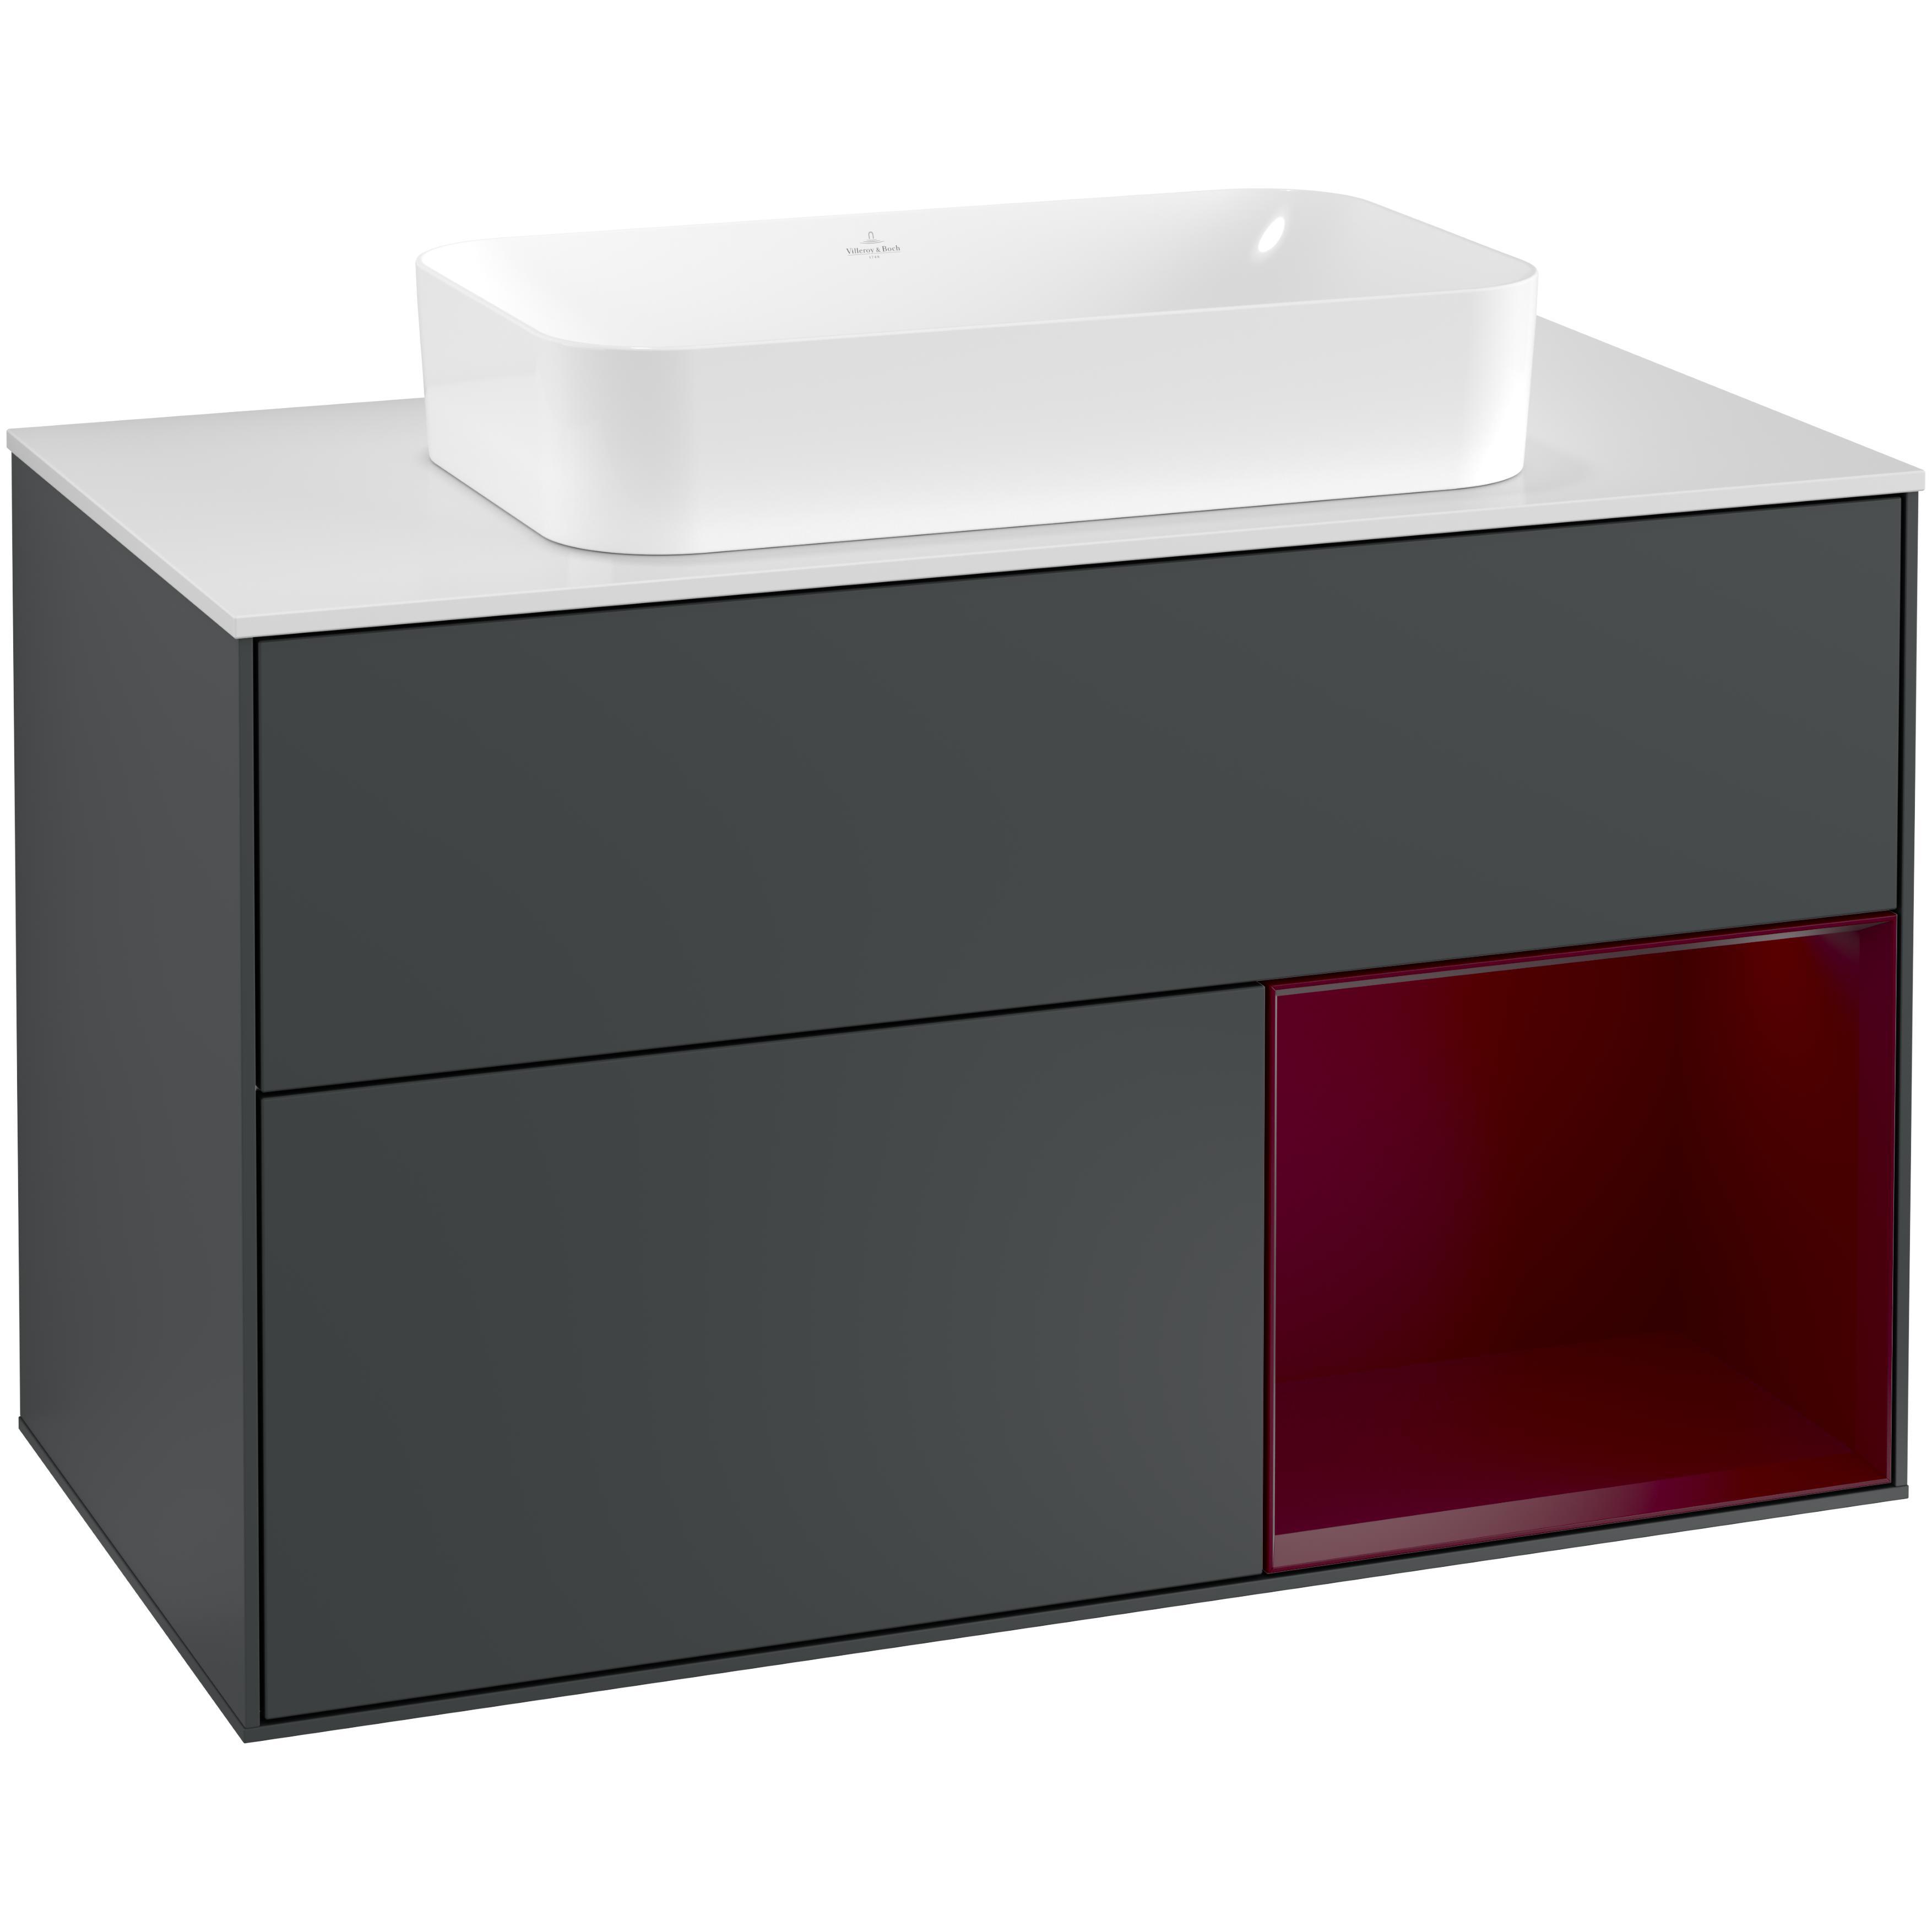 Tvättställsskåp Villeroy & Boch Finion med 2 Lådor Hylla och Bänkskiva för Fristående Tvättställ